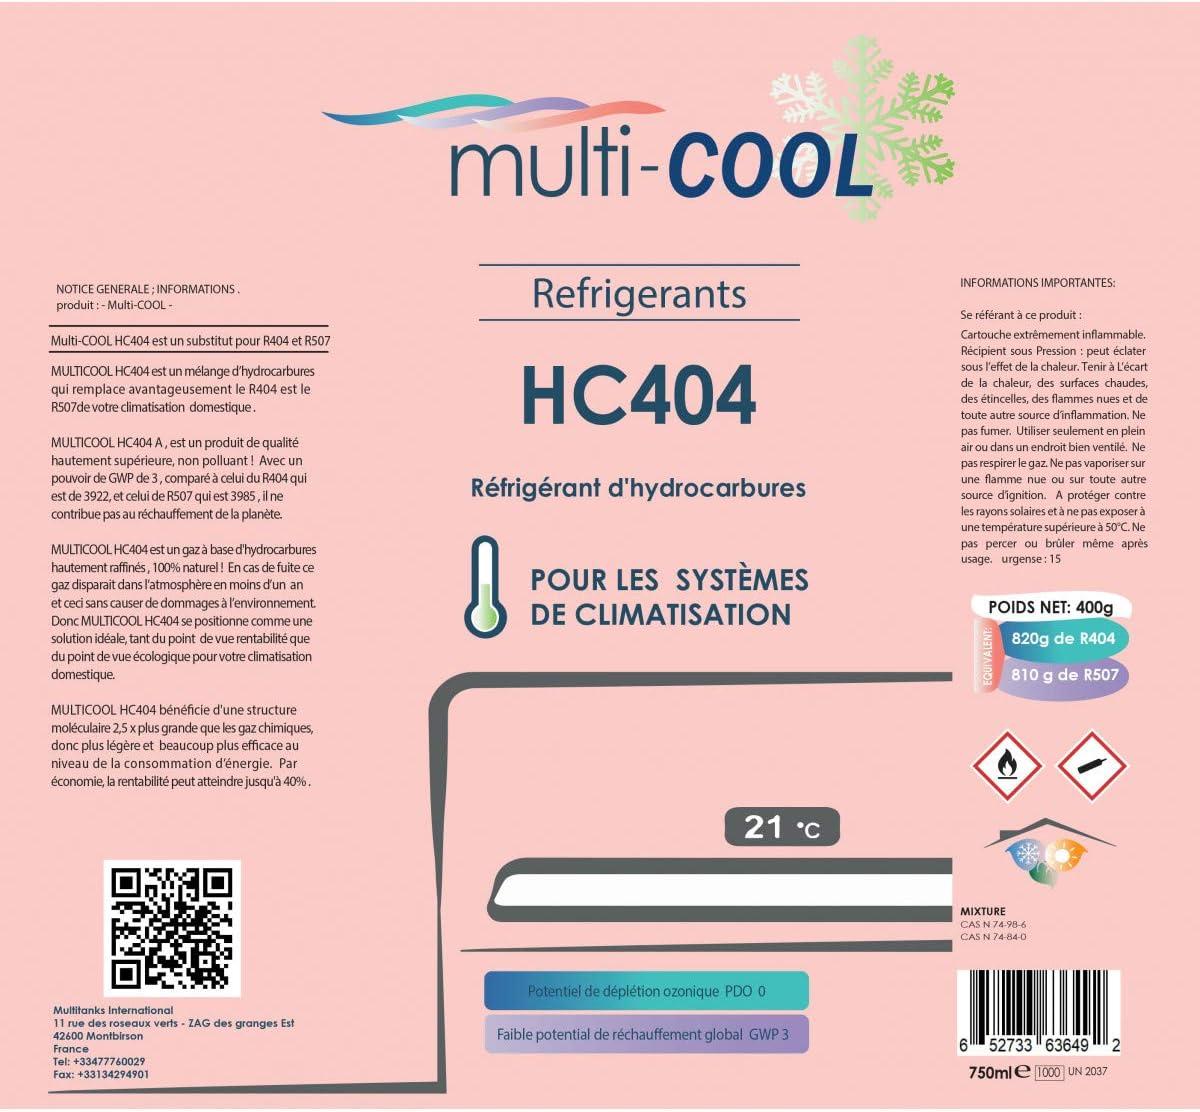 R502 et R404a Multitanks remplace le R22 R407C Canette R/éfrig/érant Multicool-404 de 400grs